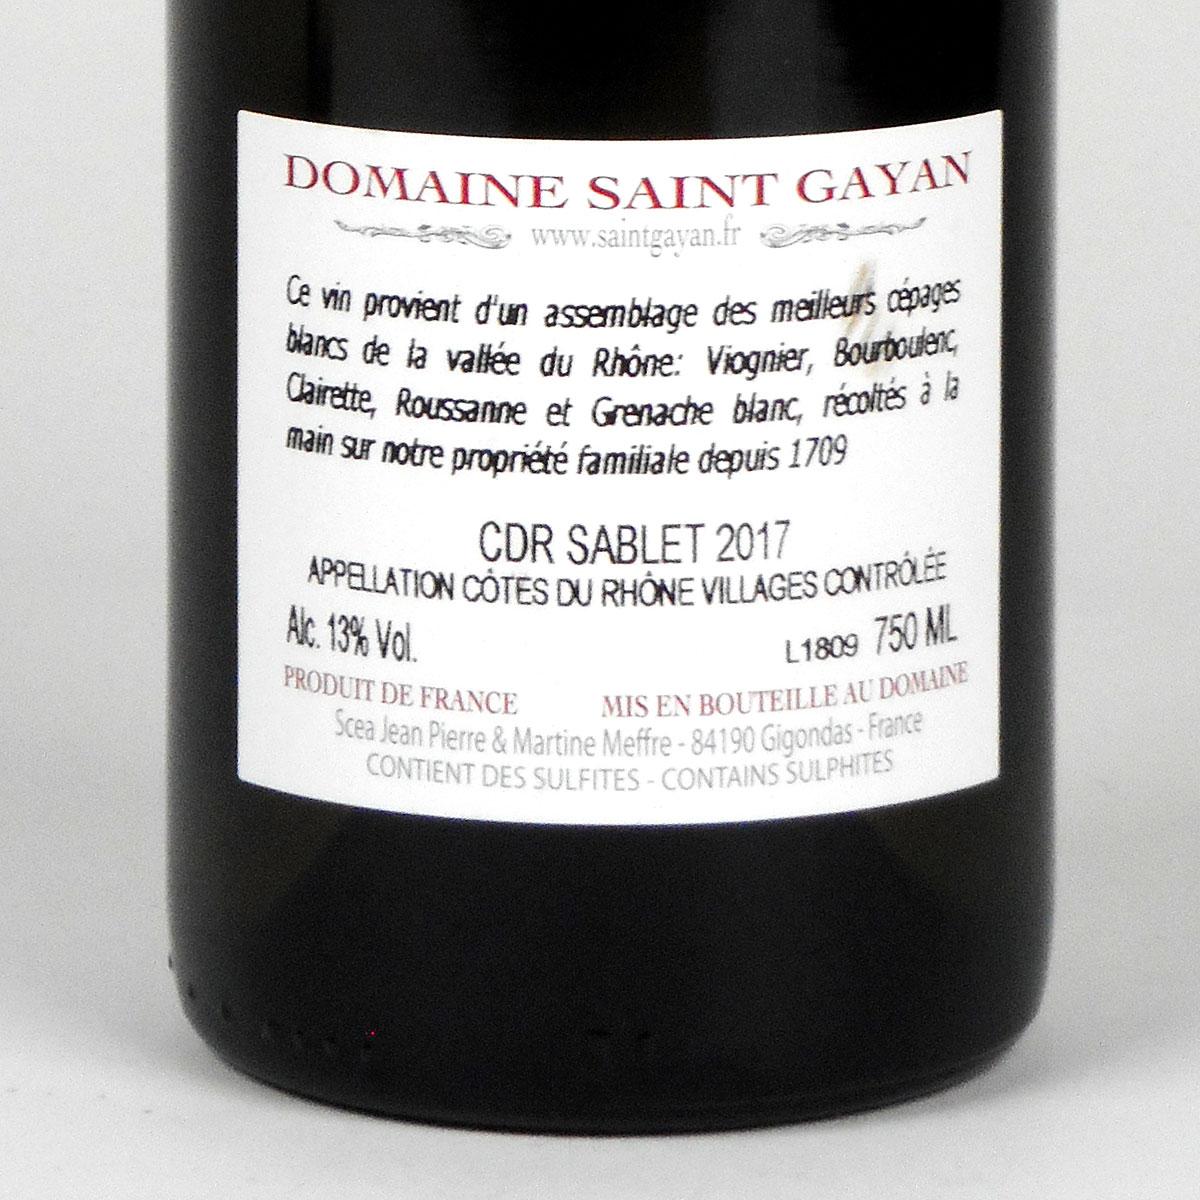 Côtes du Rhône Villages Sablet: Domaine Saint Gayan 2017